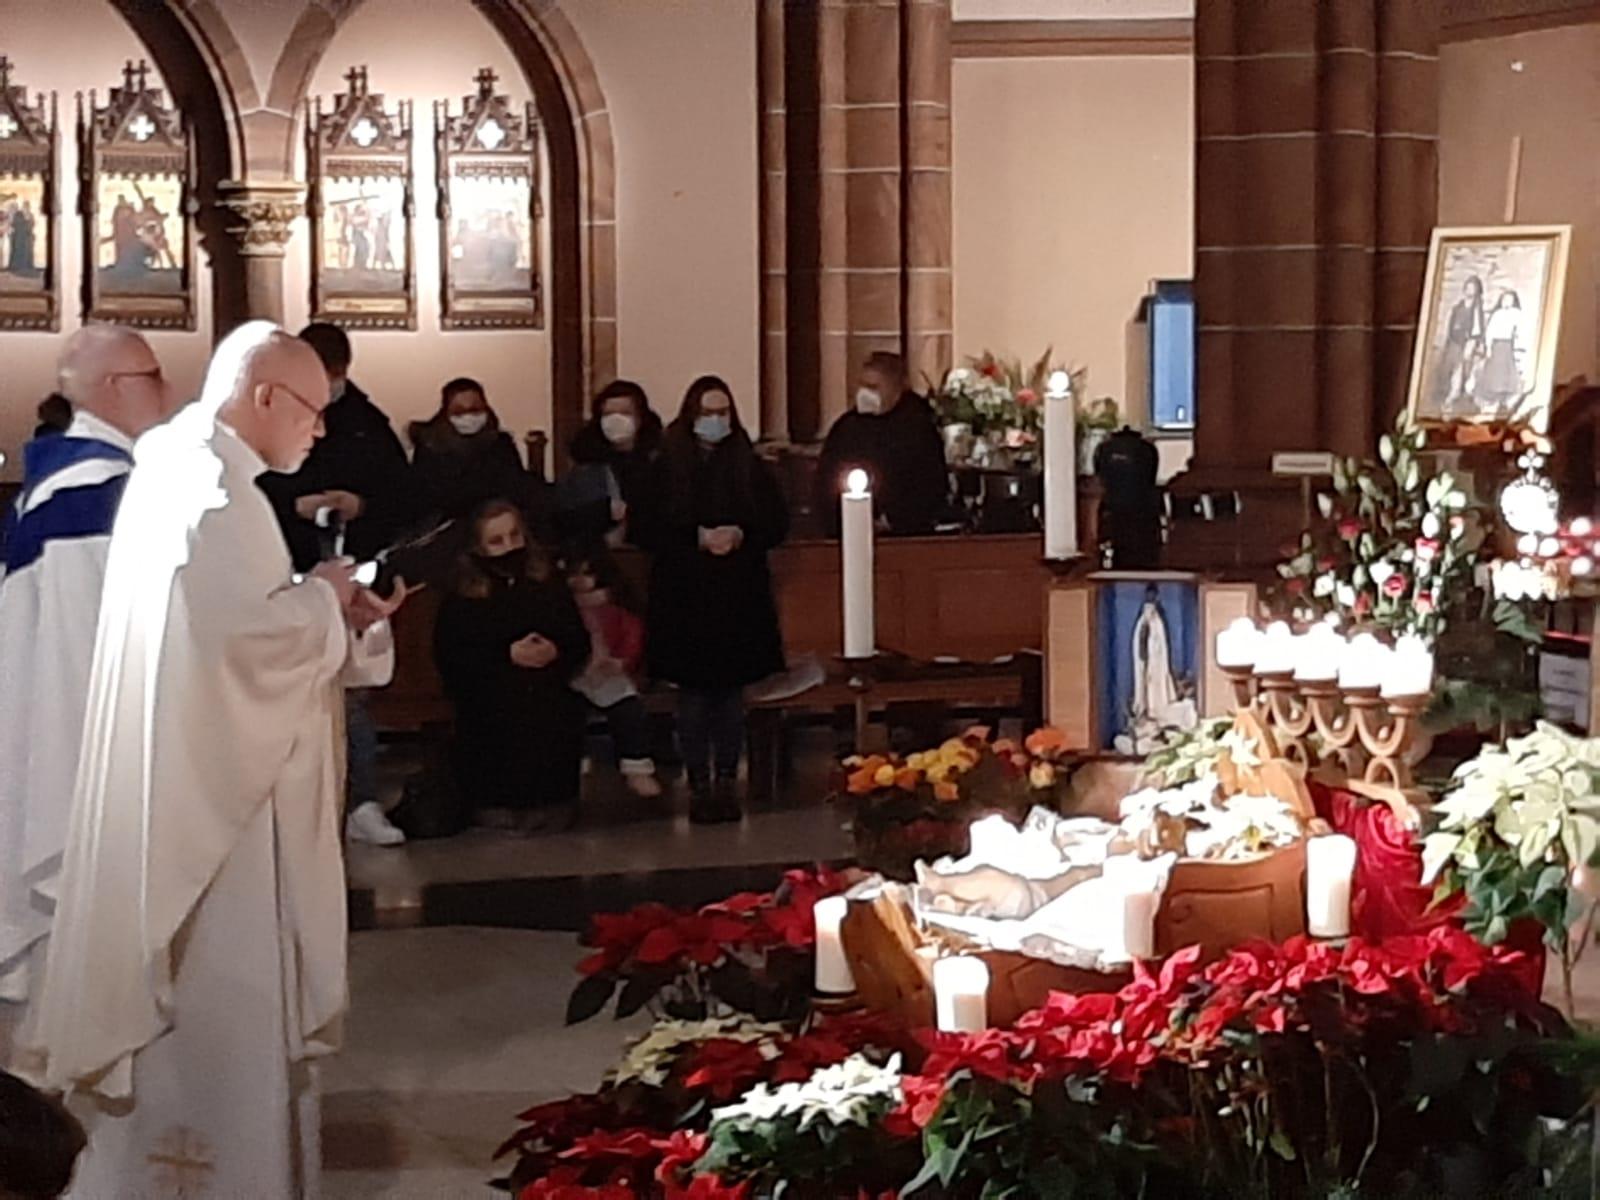 Eröffnung des Jubiläumsjahres 2021 mit Pfarrer Philippen, Fatima-Apostolat im Bistum Aachen und Pfarrer Schwarzmüller